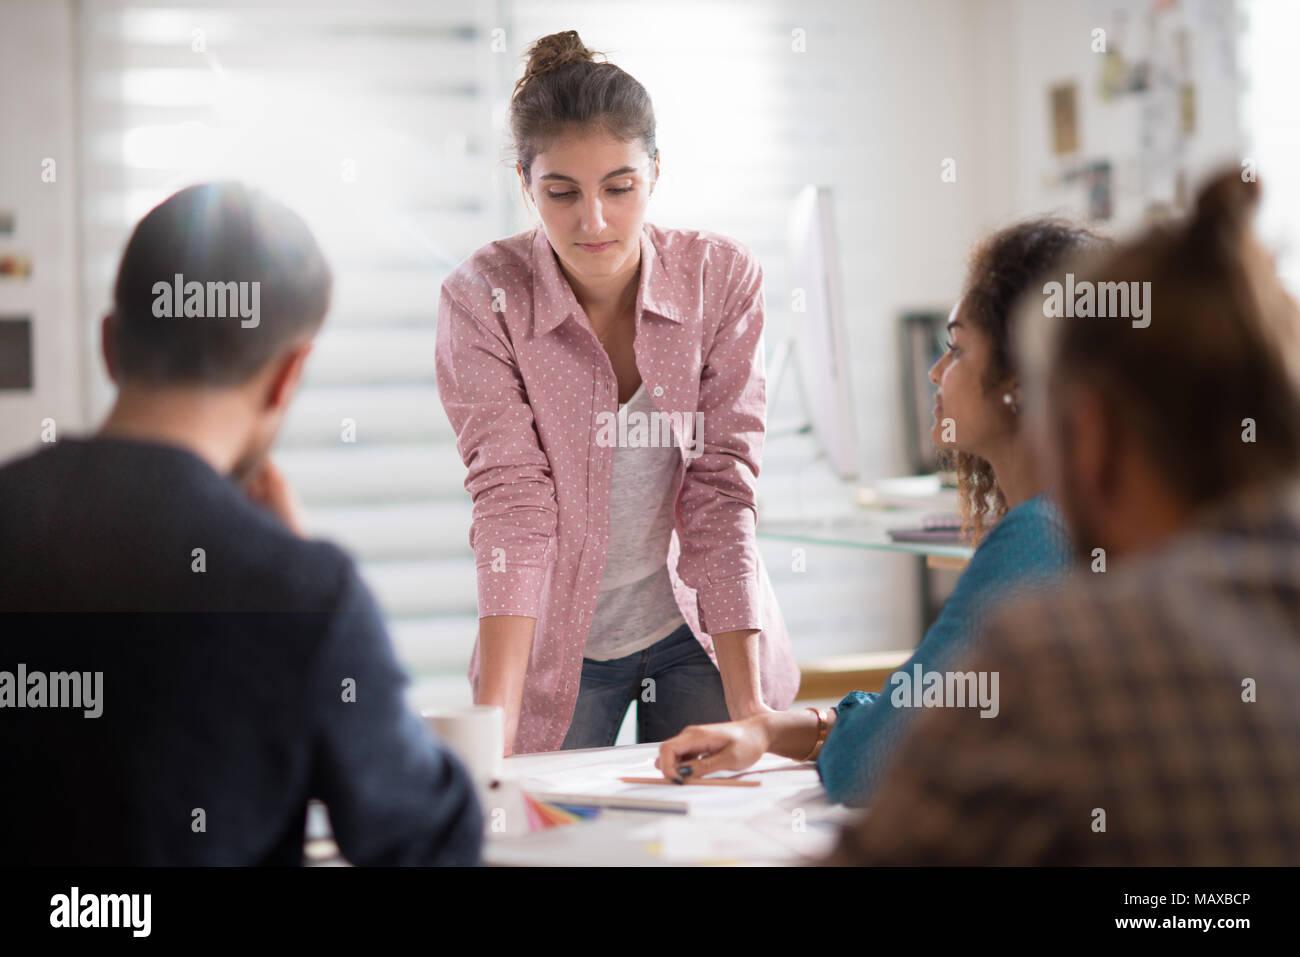 Oficina de reunión. Una joven mujer presenta su proyecto Foto de stock